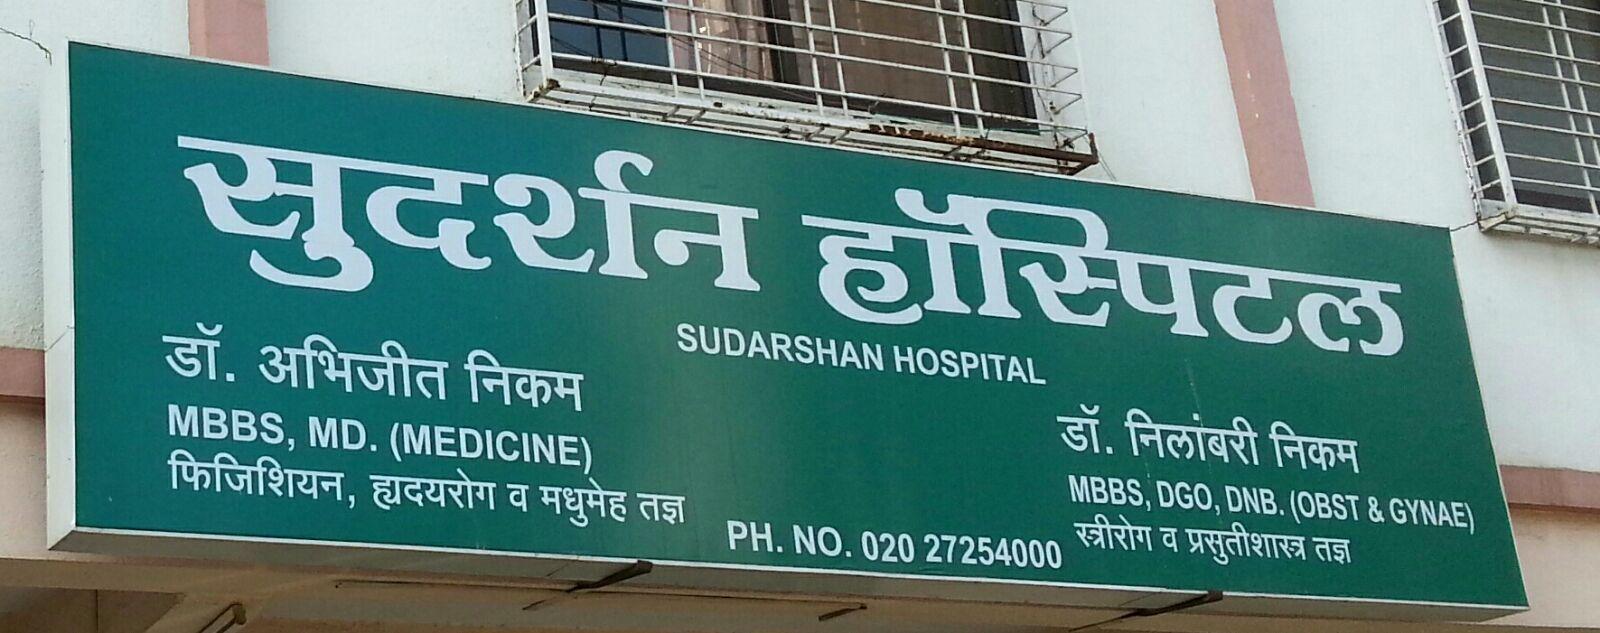 Sudarshan Hospital